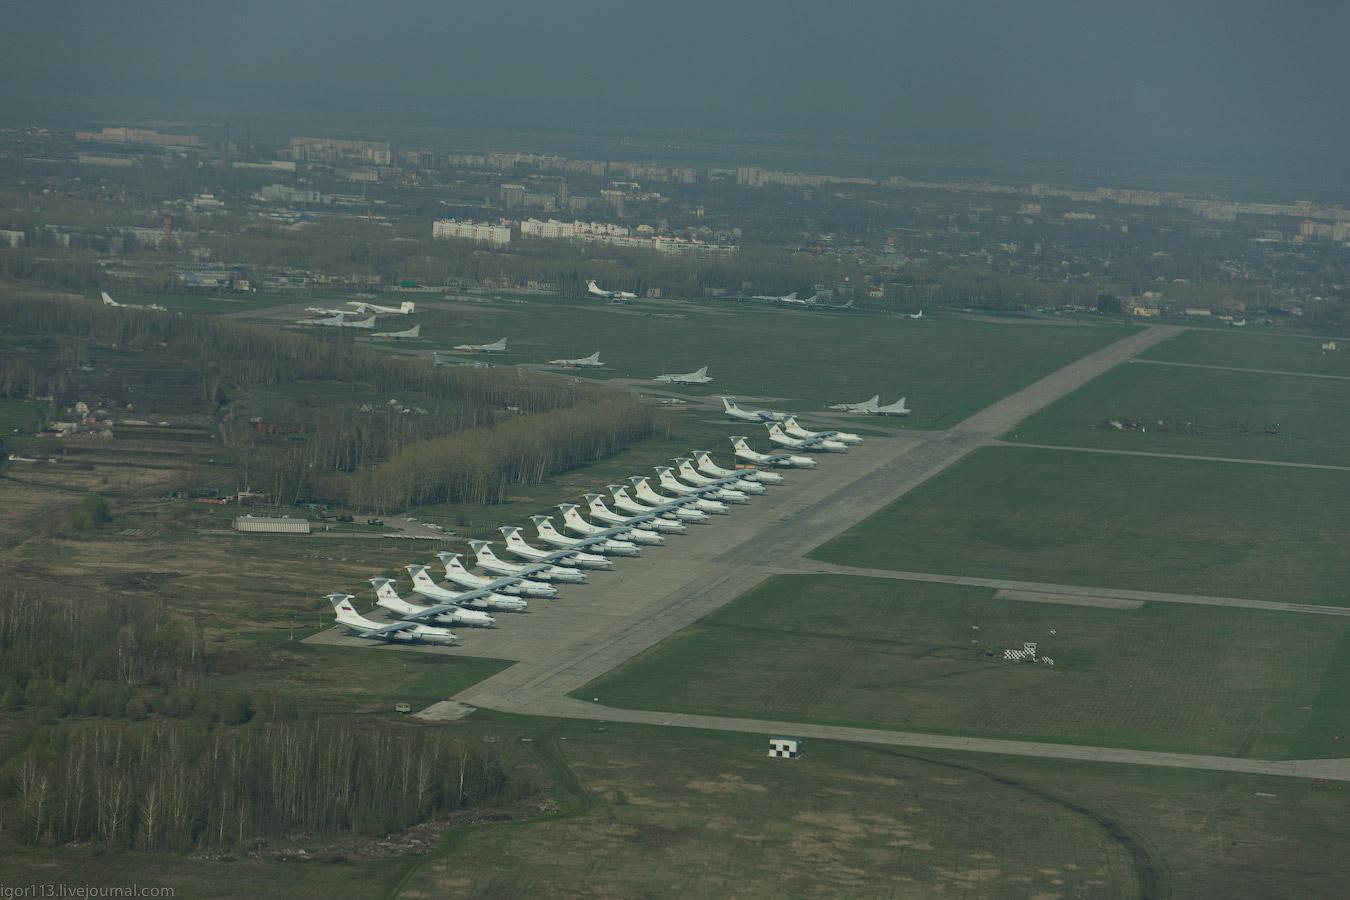 Слева большой набор самолетов ил 78